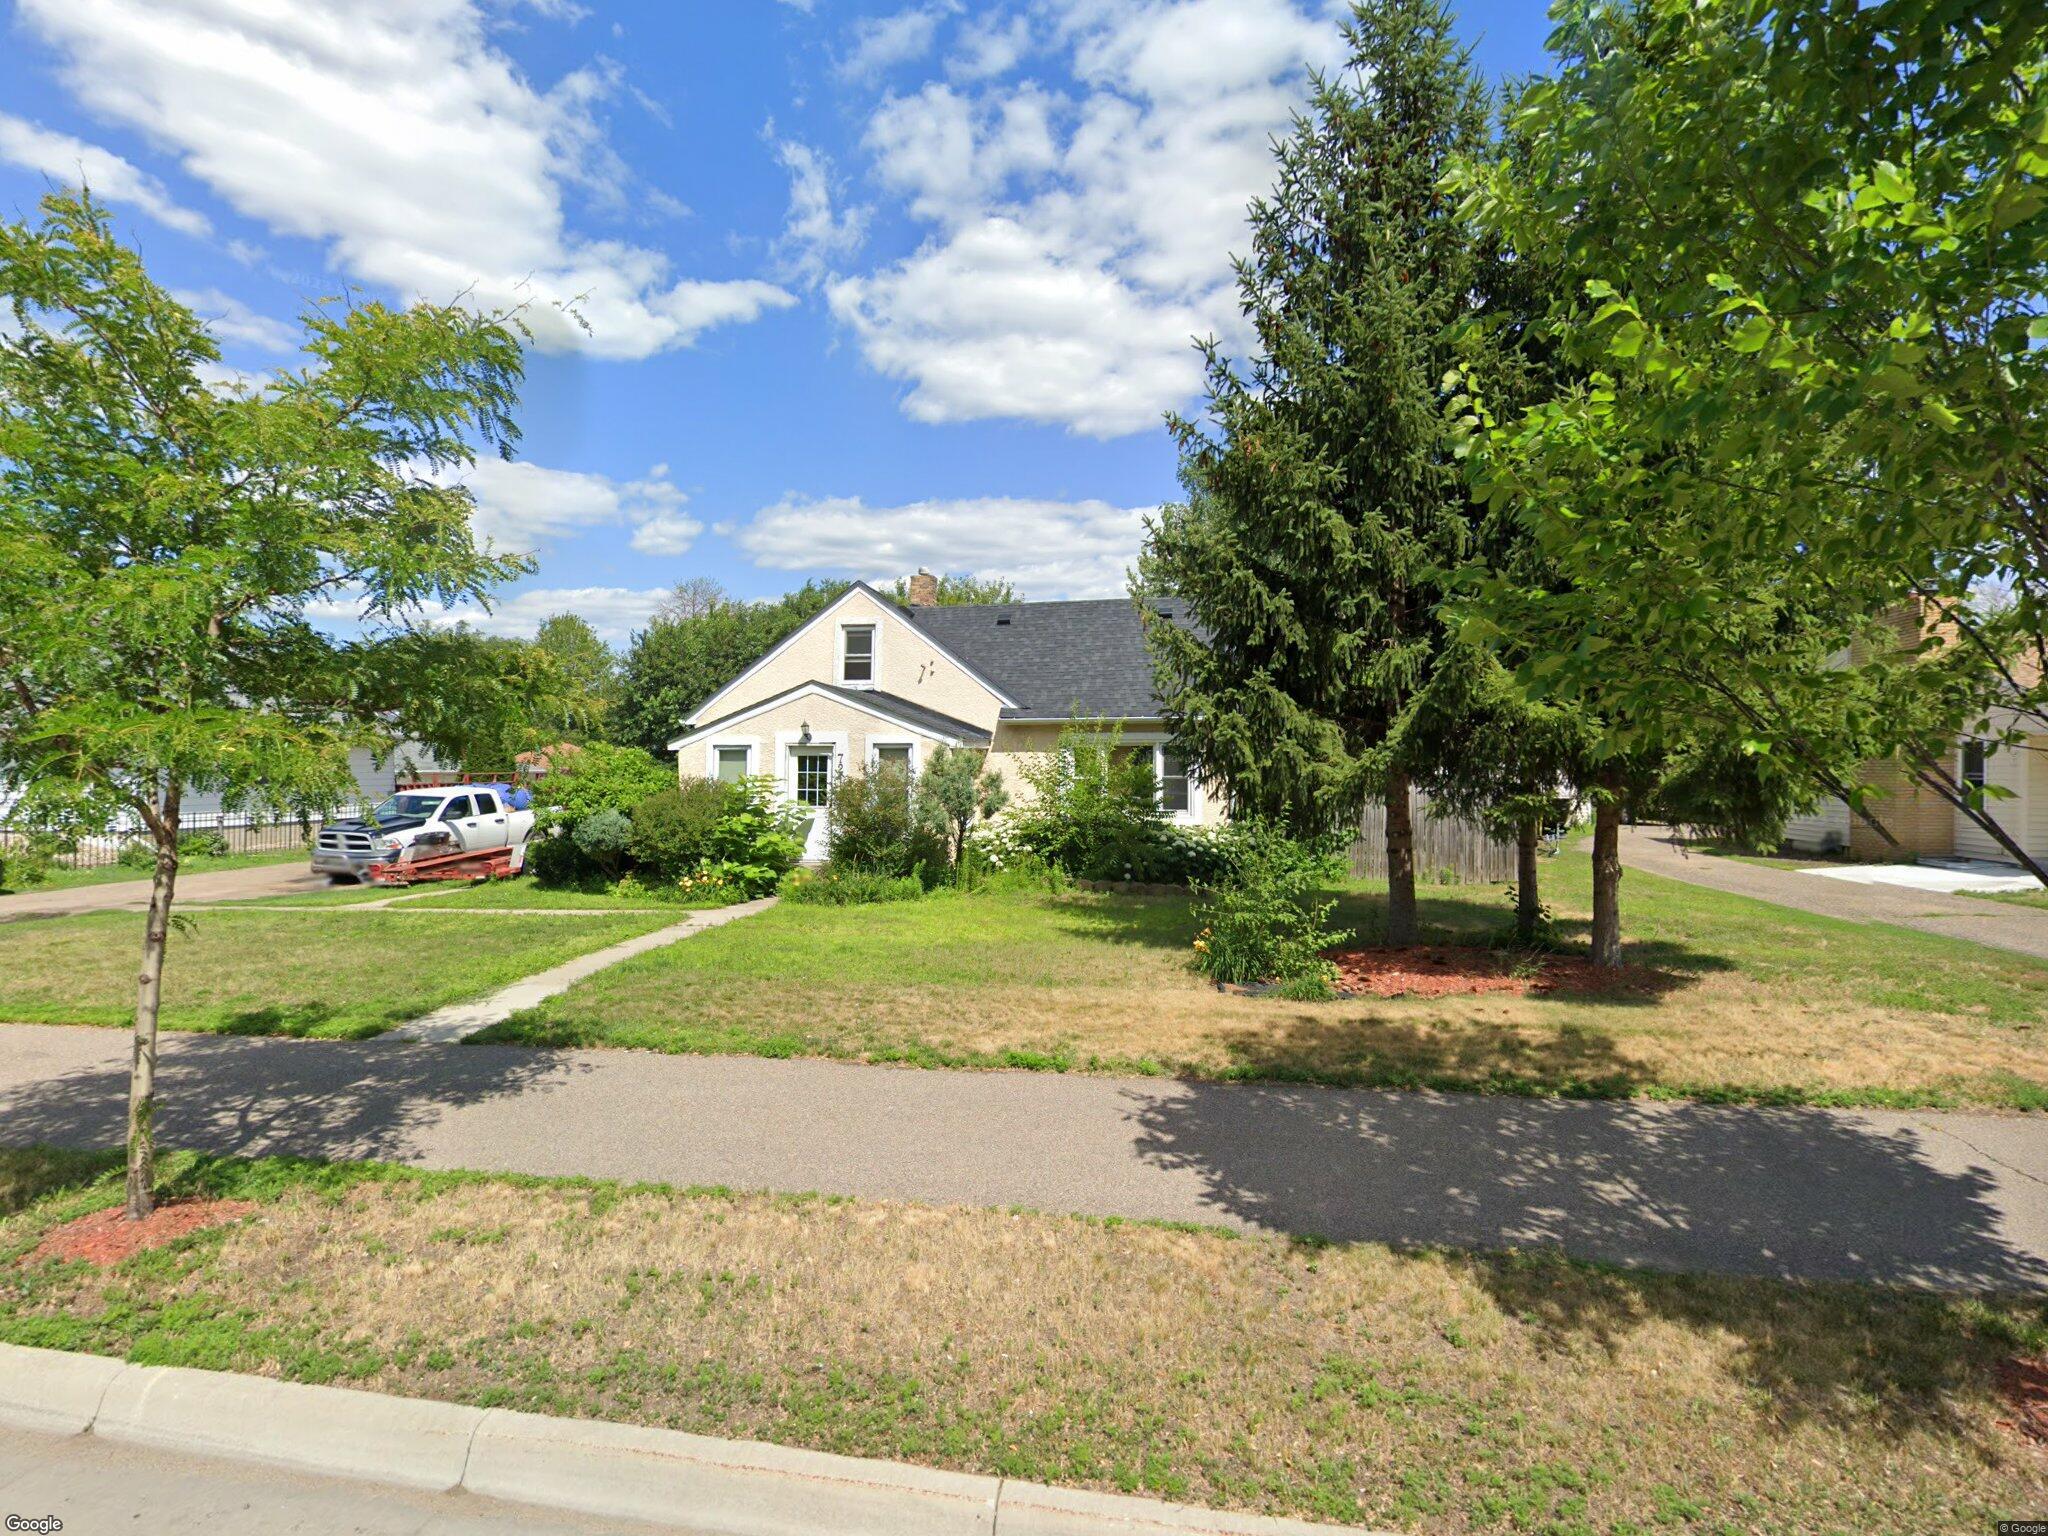 7211 Portland Ave Richfield Mn 55423 Foreclosure Trulia